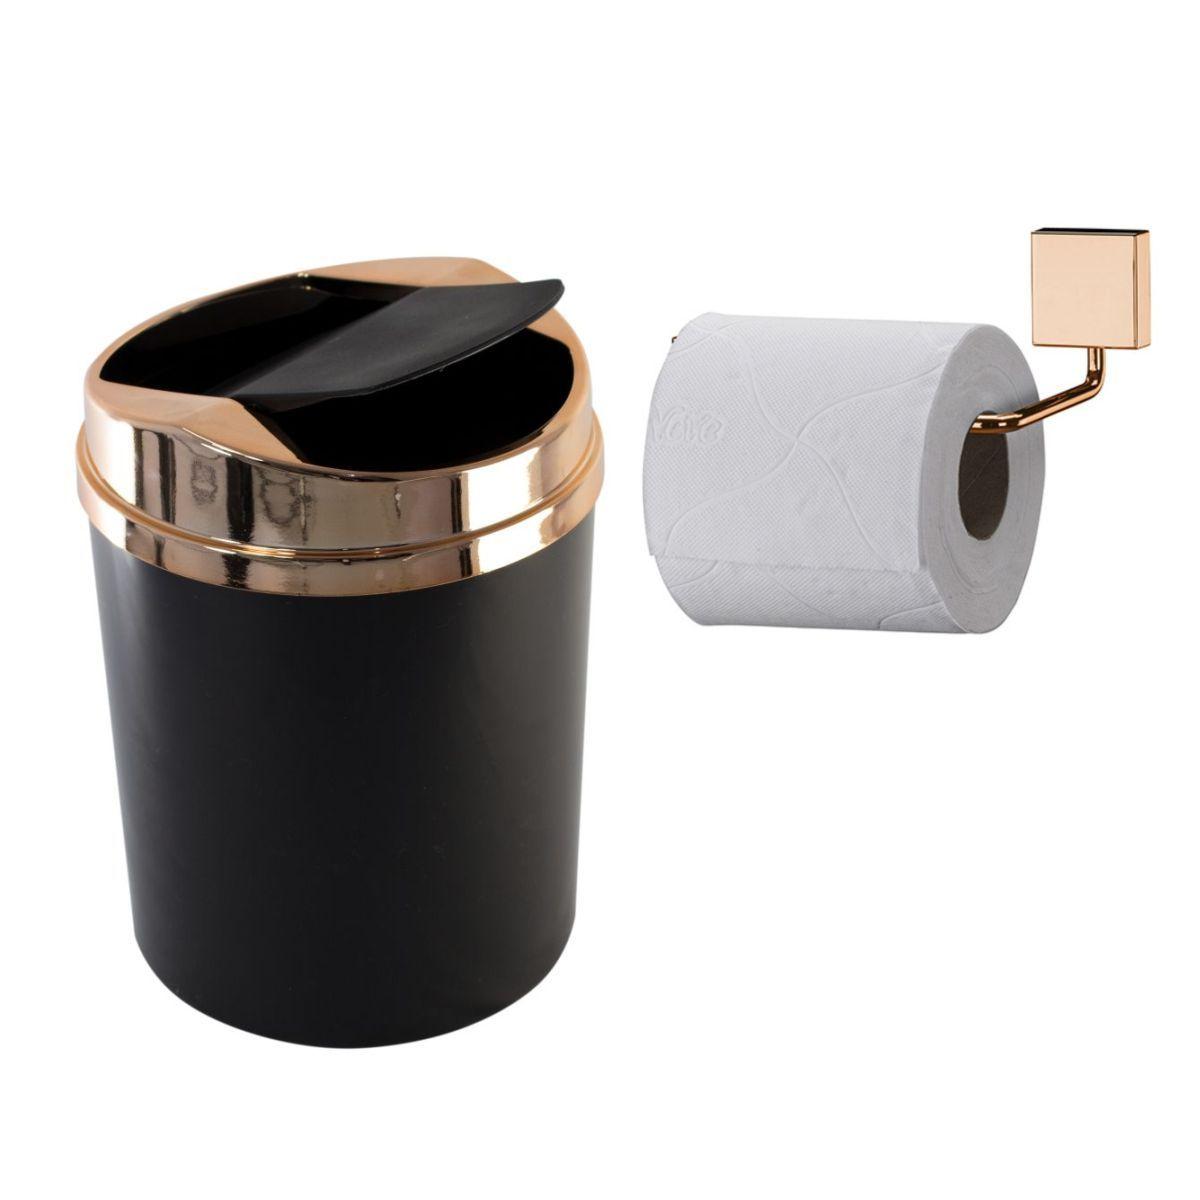 Kit Banheiro Luxo lixeira e Papeleira  Rosé Gold